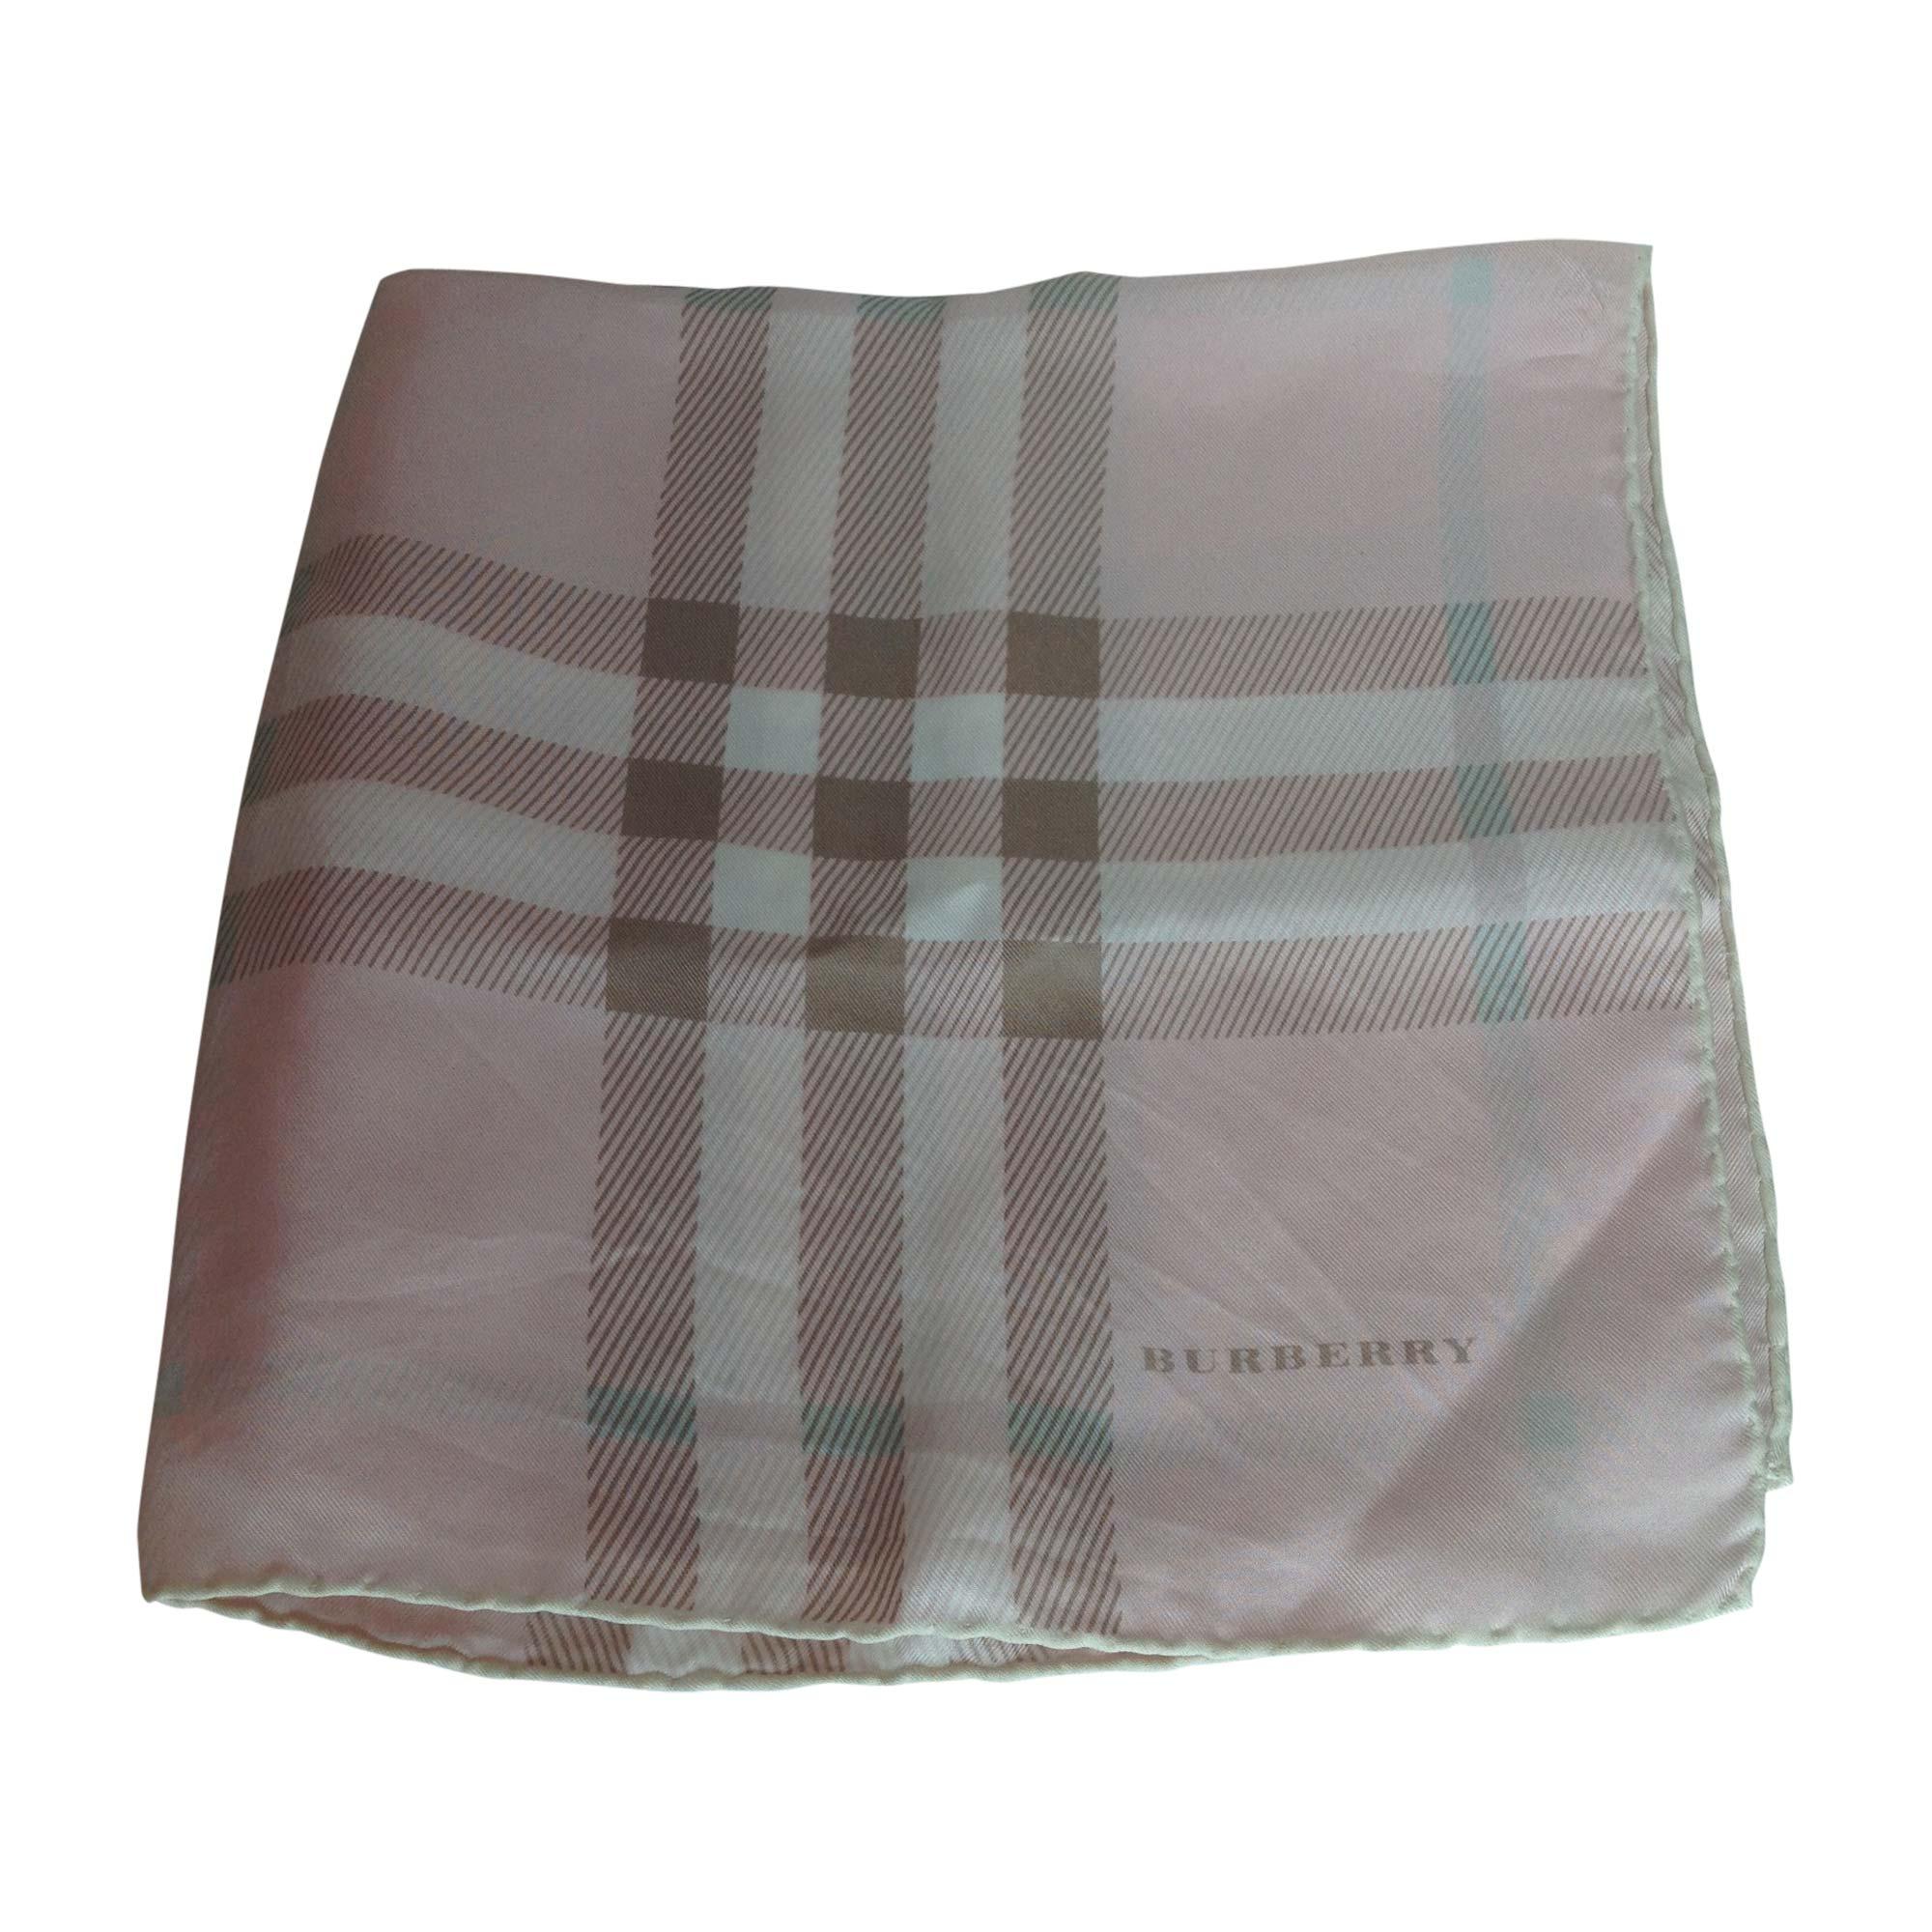 Großartig Burberry Tuch Dekoration Von Tuch, Schal Pink, Altrosa